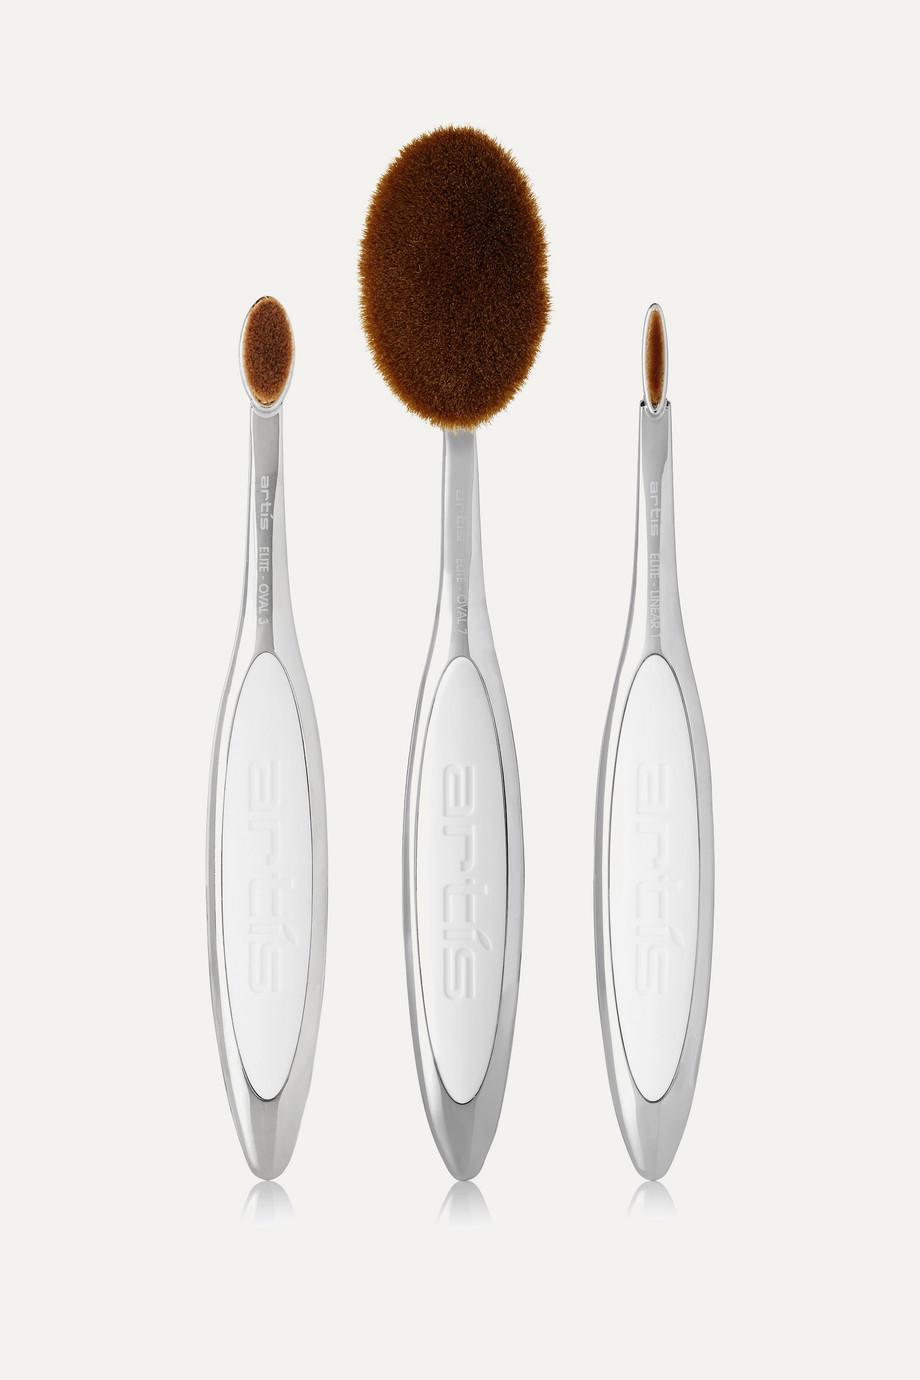 Artis Brush Next Generation Elite Mirror 3 Brush Set